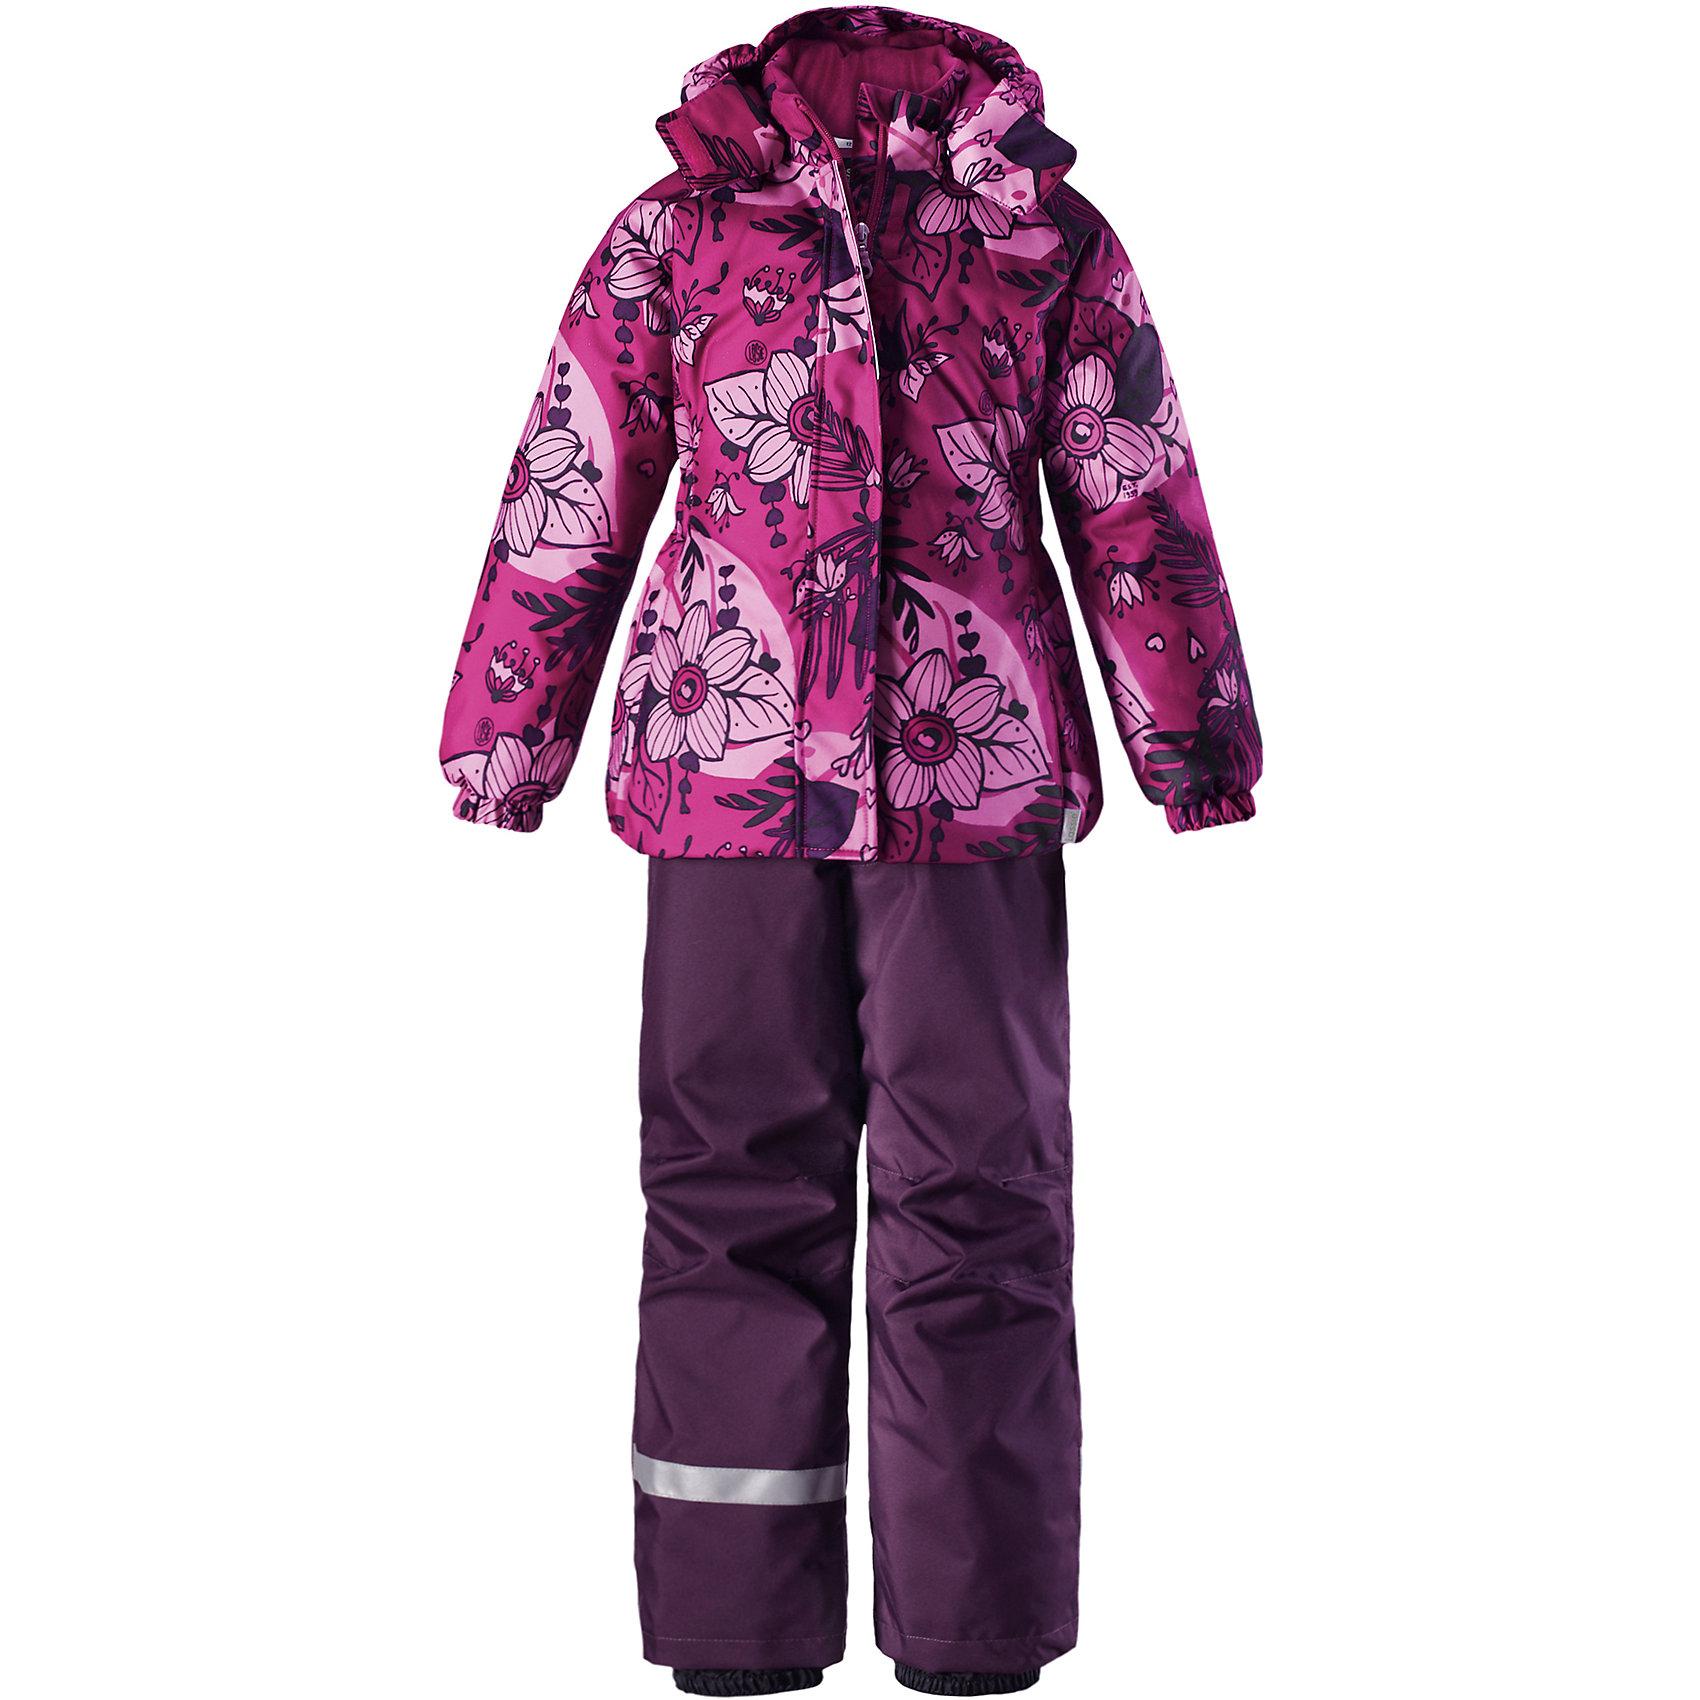 Комплект Lassie для девочкиОдежда<br>Характеристики товара:<br><br>• цвет: розовый;<br>• состав: 100% полиэстер, полиуретановое покрытие;<br>• подкладка: 100% полиэстер;<br>• утеплитель: куртка 180 г/м2, брюки 100 г/м2;<br>• сезон: зима;<br>• температурный режим: от 0 до -20С;<br>• водонепроницаемость: 1000 мм;<br>• воздухопроницаемость: 1000 мм;<br>• износостойкость: 50000 циклов (тест Мартиндейла);<br>• застежка: куртка на молнии, брюки молнии и пуговице;<br>• водоотталкивающий, ветронепроницаемый и дышащий материал;<br>• гладкая подкладка из полиэстера; <br>• безопасный съемный капюшон;<br>• эластичные манжеты; <br>• снегозащитные манжеты на штанинах;<br>• эластичная талия и кромка подола;<br>• регулируемые и отстегивающиеся эластичные подтяжки;<br>• карманы в боковых швах;<br>• светоотражающие детали;<br>• страна бренда: Финляндия;<br>• страна изготовитель: Китай;<br><br>Зимний комплект для девочки. Брюки изготовлены из сверхпрочного материала и снабжены защитой от снега. Съемные регулируемые подтяжки позволяют откорректировать брюки идеально по размеру, а задний средний шов проклеен для обеспечения водонепроницаемости. <br><br>Куртка украшена цветочным рисунком и снабжена безопасным и практичным съемным капюшоном, а карманы на липучке сохранят все нужные мелочи! И куртка, и брюки изготовлены из ветронепроницаемого и дышащего материала с водо- и грязеотталкивающей поверхностью.<br><br>Комплект Lassie (Ласси) для девочки можно купить в нашем интернет-магазине.<br><br>Ширина мм: 356<br>Глубина мм: 10<br>Высота мм: 245<br>Вес г: 519<br>Цвет: розовый<br>Возраст от месяцев: 108<br>Возраст до месяцев: 120<br>Пол: Женский<br>Возраст: Детский<br>Размер: 140,92,98,104,110,116,122,128,134<br>SKU: 6927851